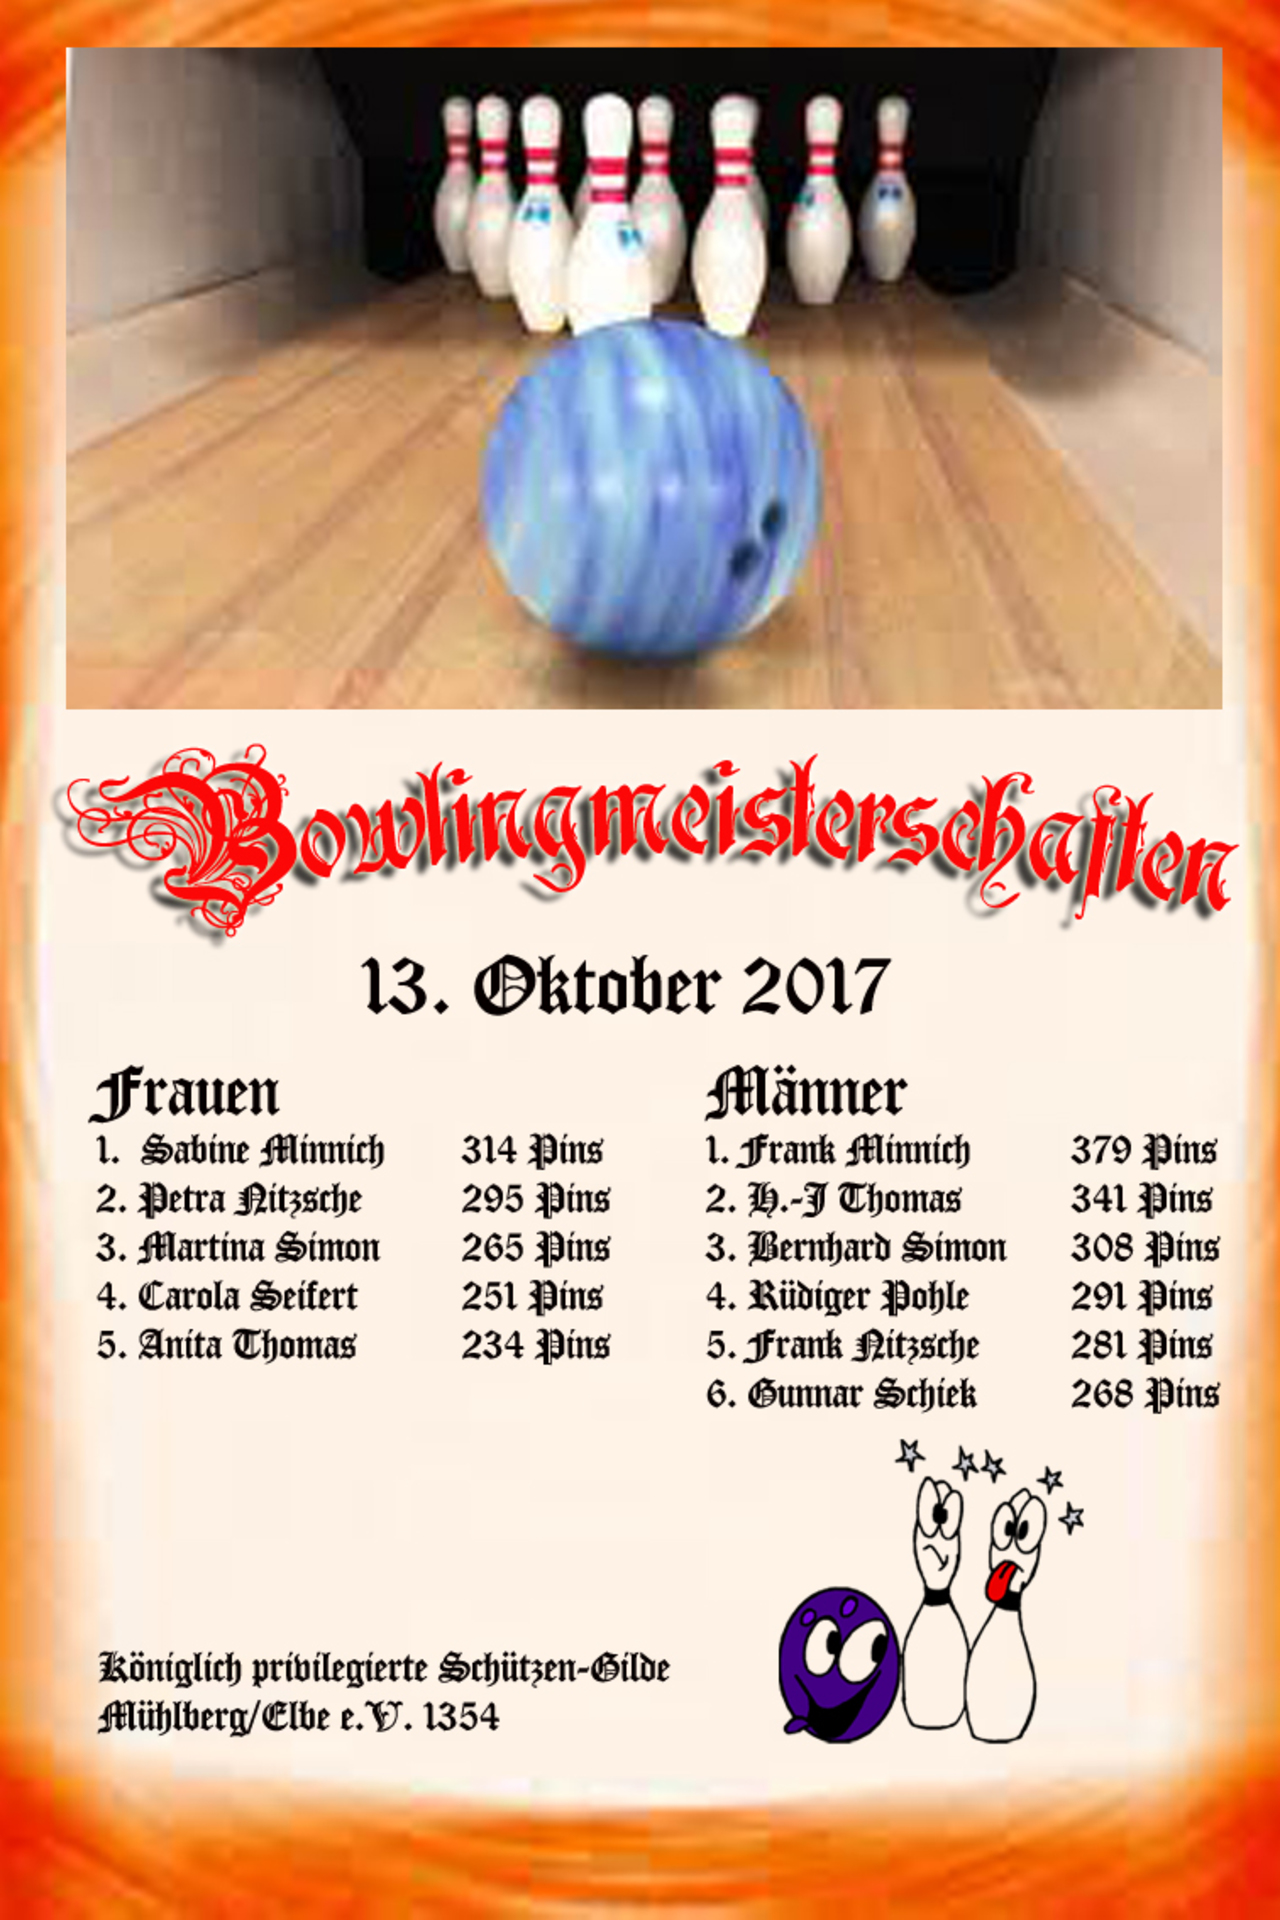 Bowlingmeisterschaften 2017